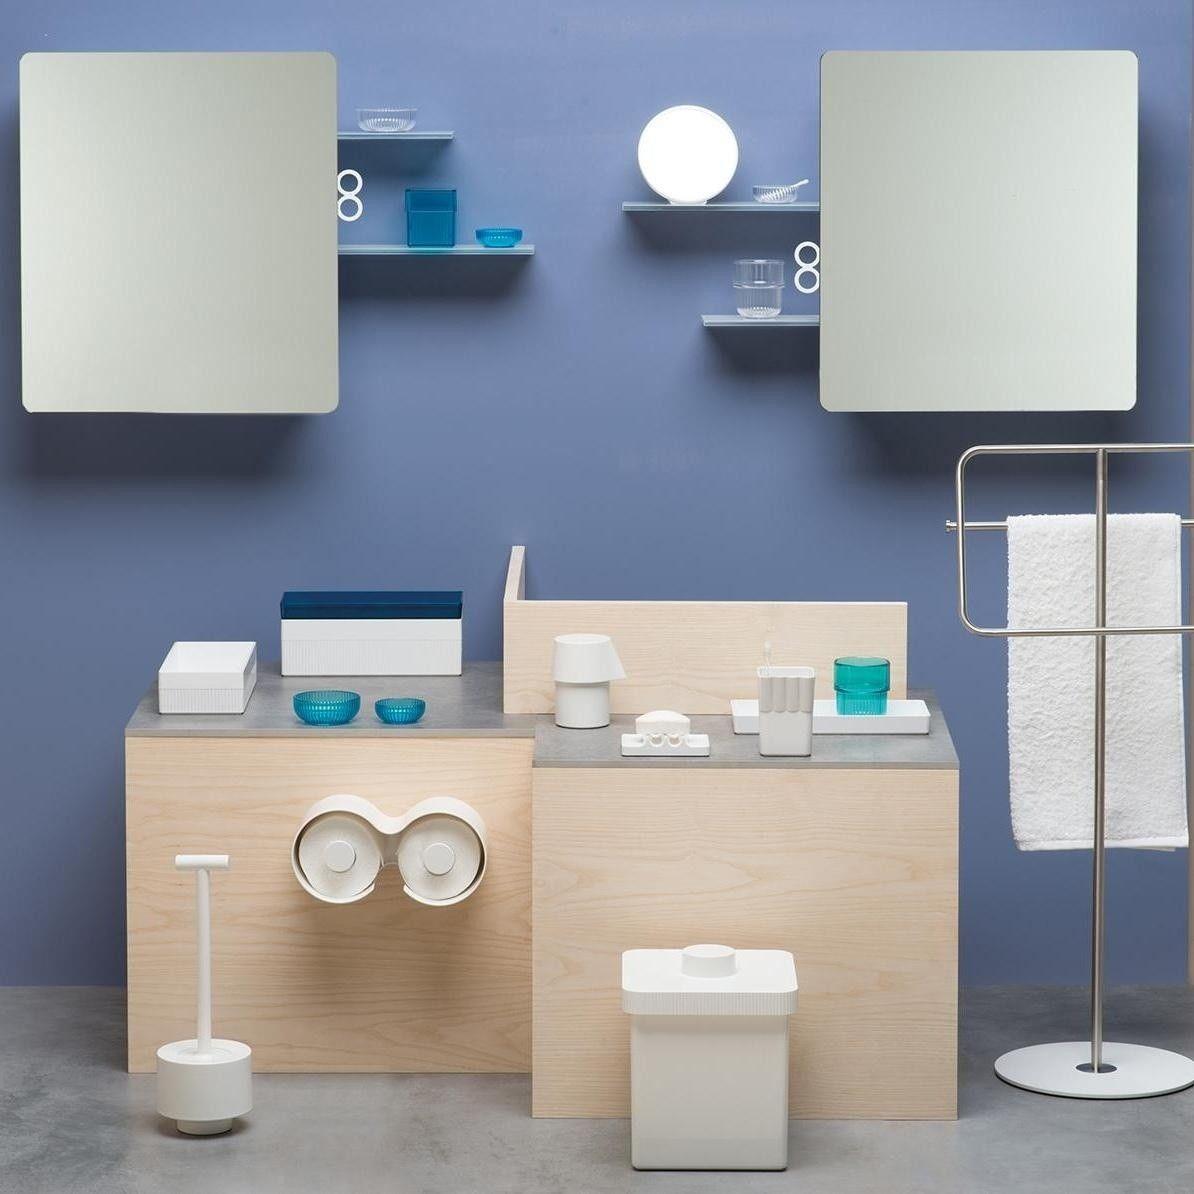 Kali spiegelschrank authentics for Design spiegelschrank